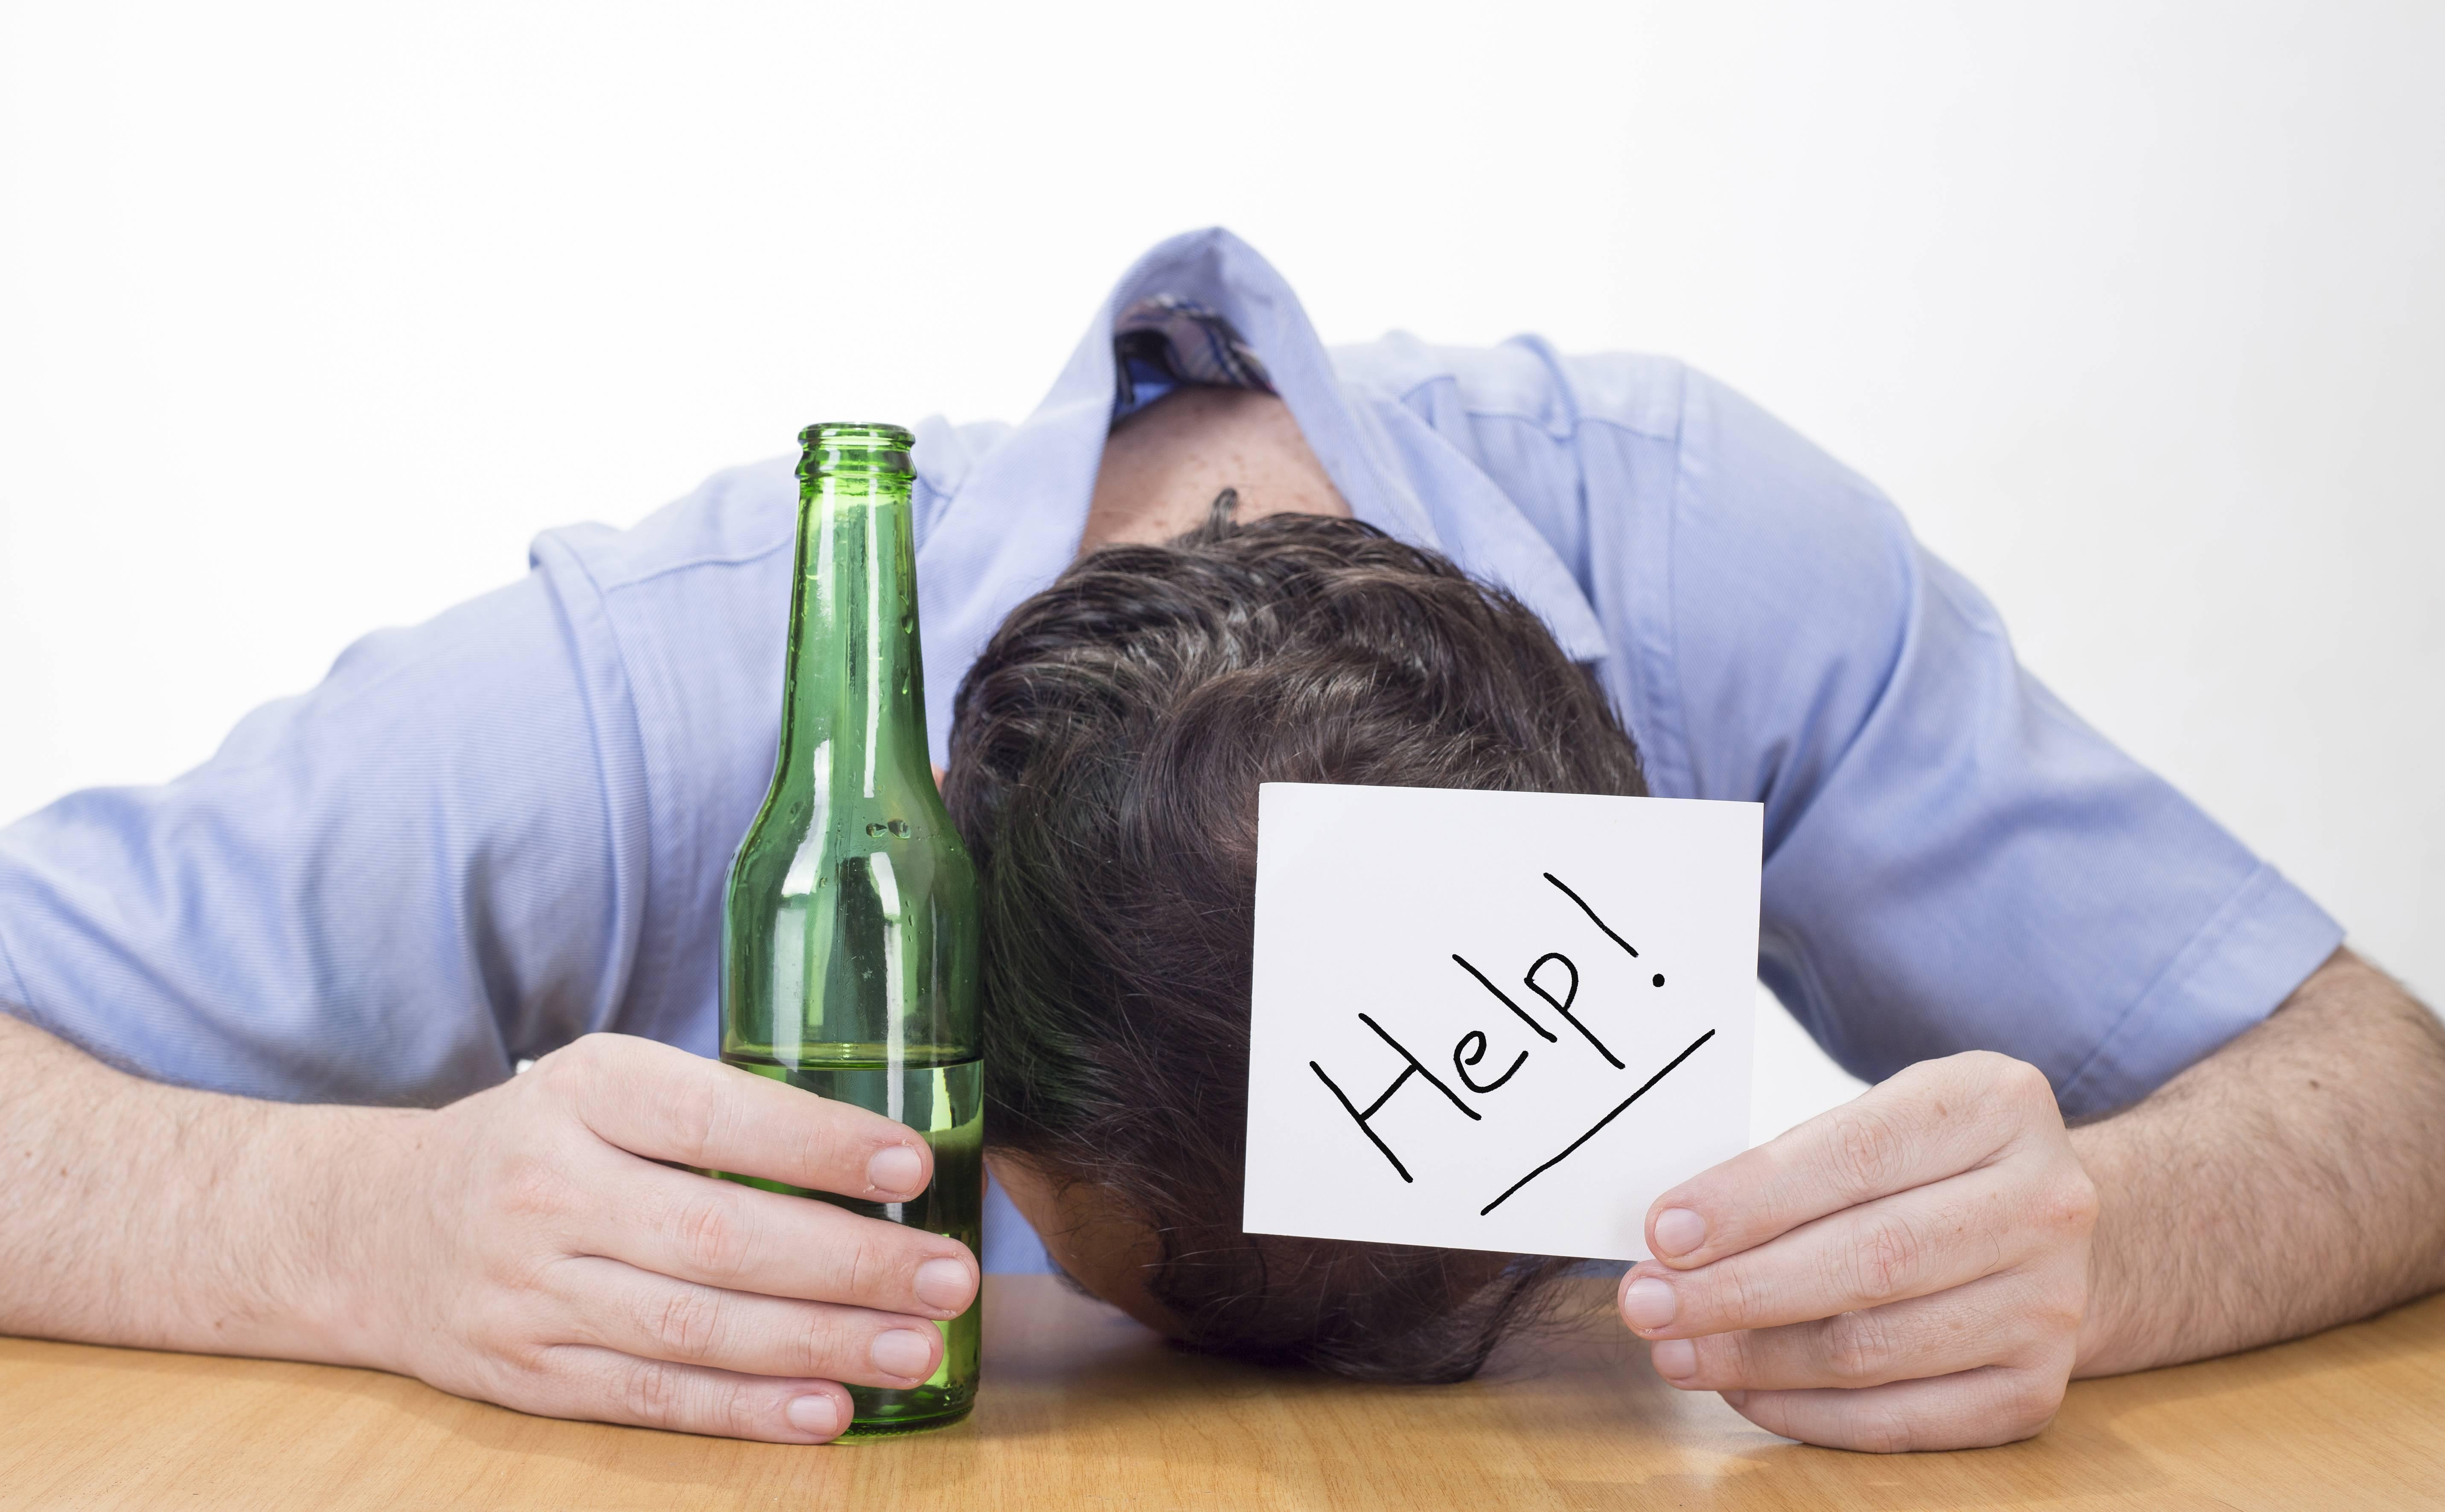 Алкогольная амнезия и потеря памяти при регулярном пьянстве